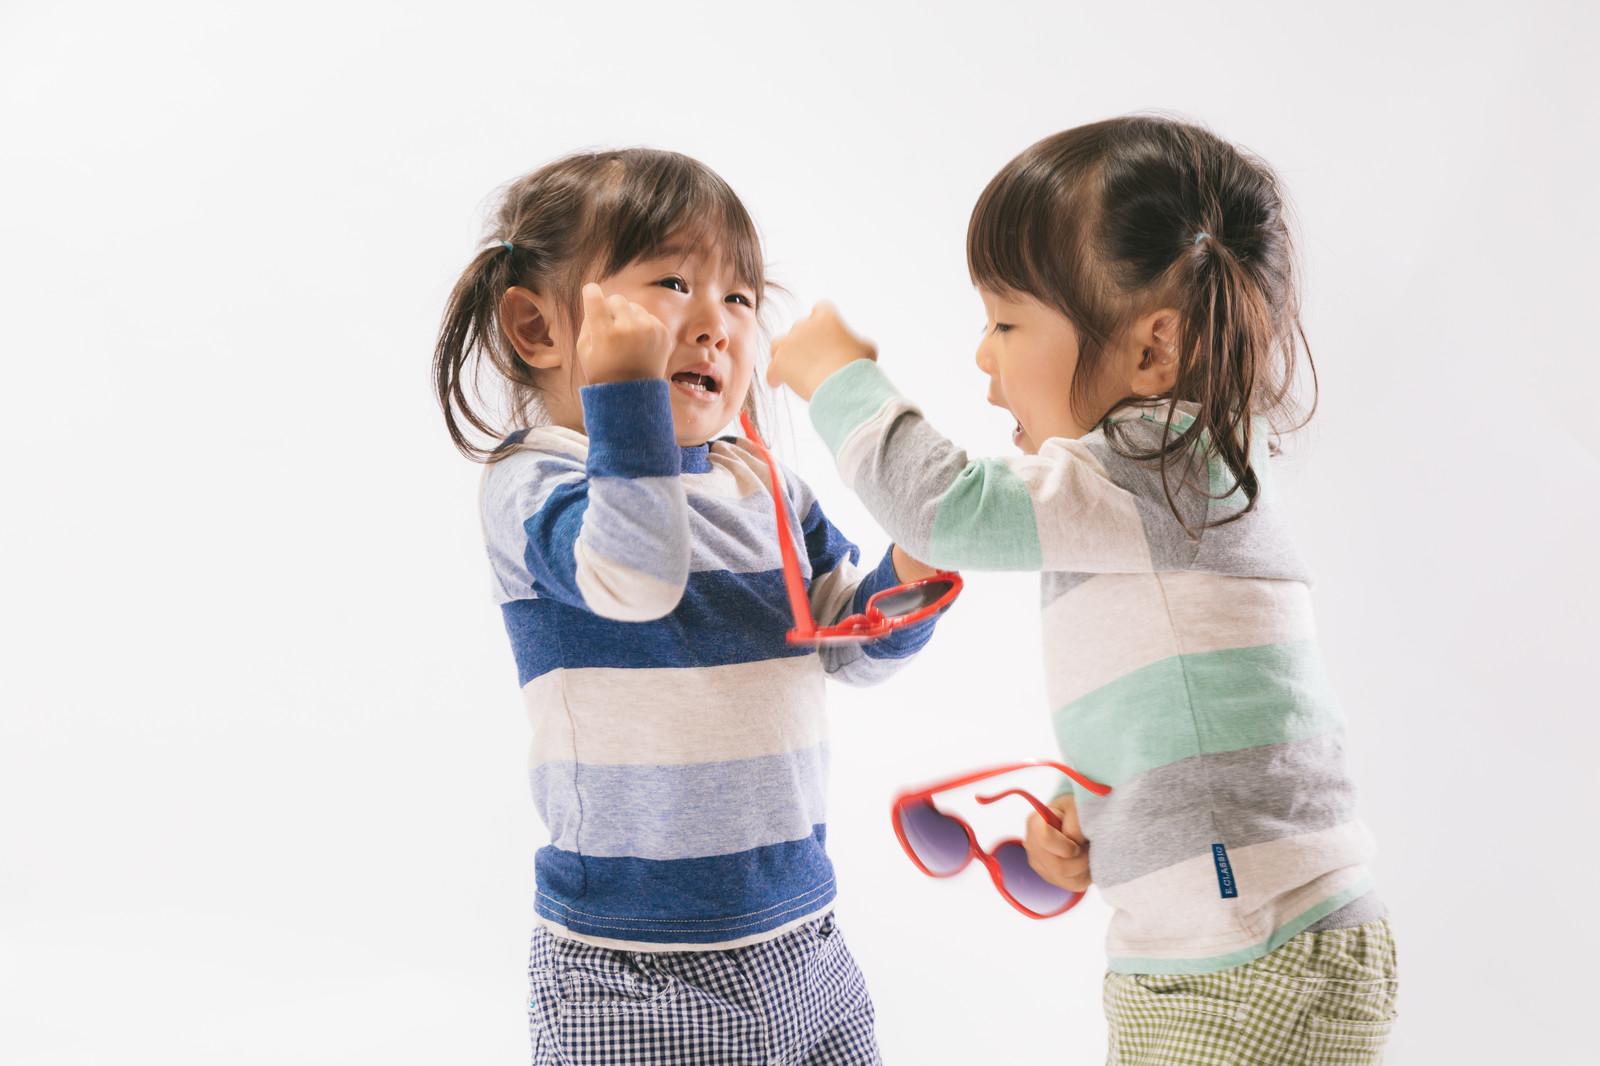 子供の暴力・暴言・モノ壊し 対処方法と絶対にやってはいけないNG行為3つ